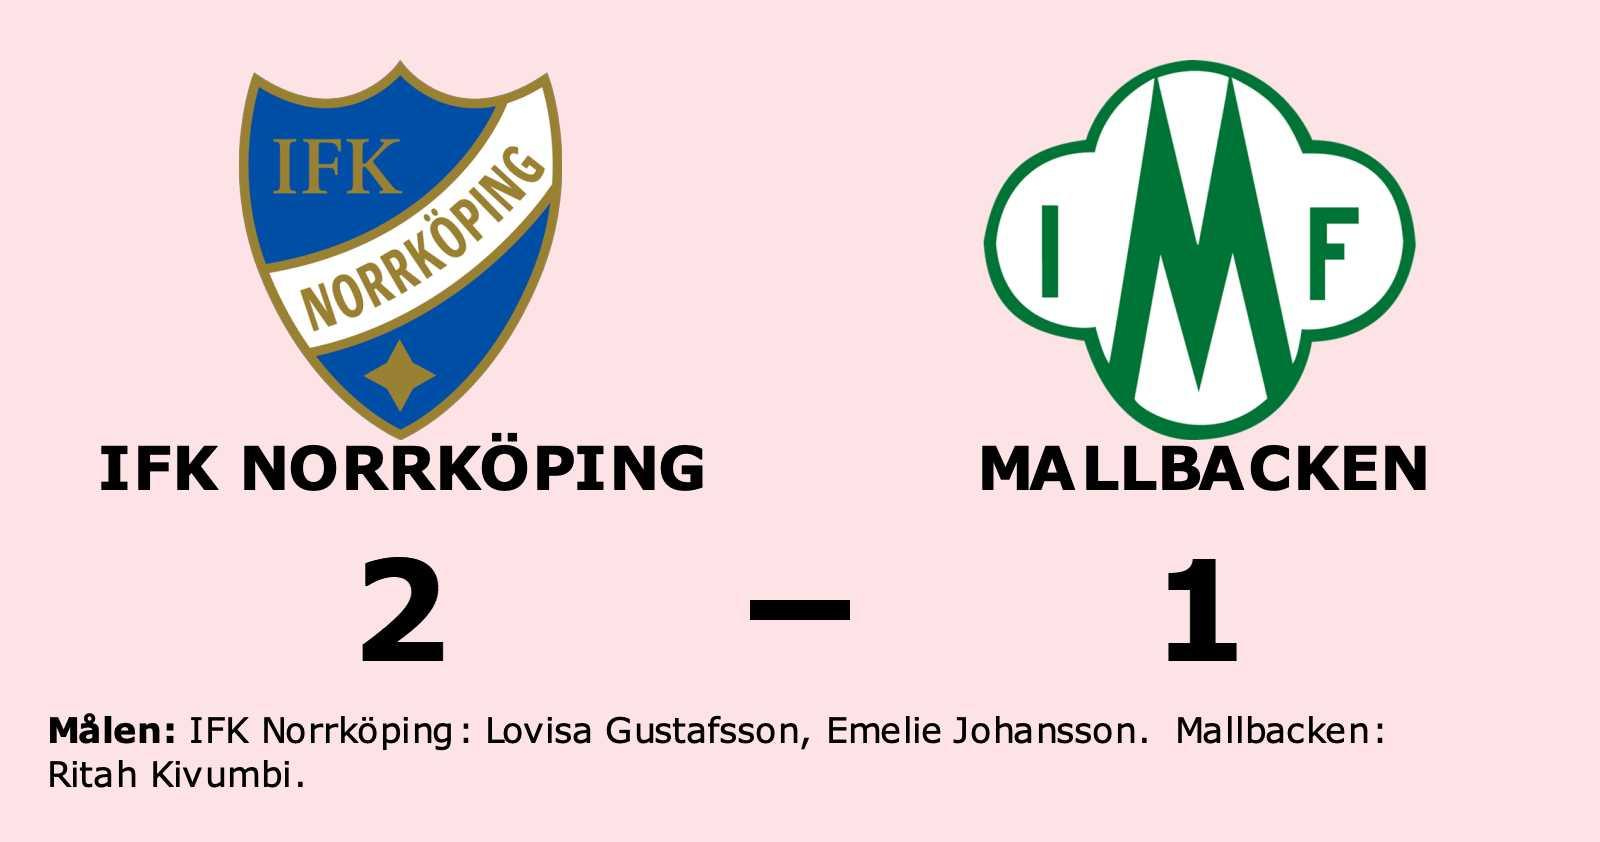 IFK Norrköping avgjorde i andra halvlek mot Mallbacken